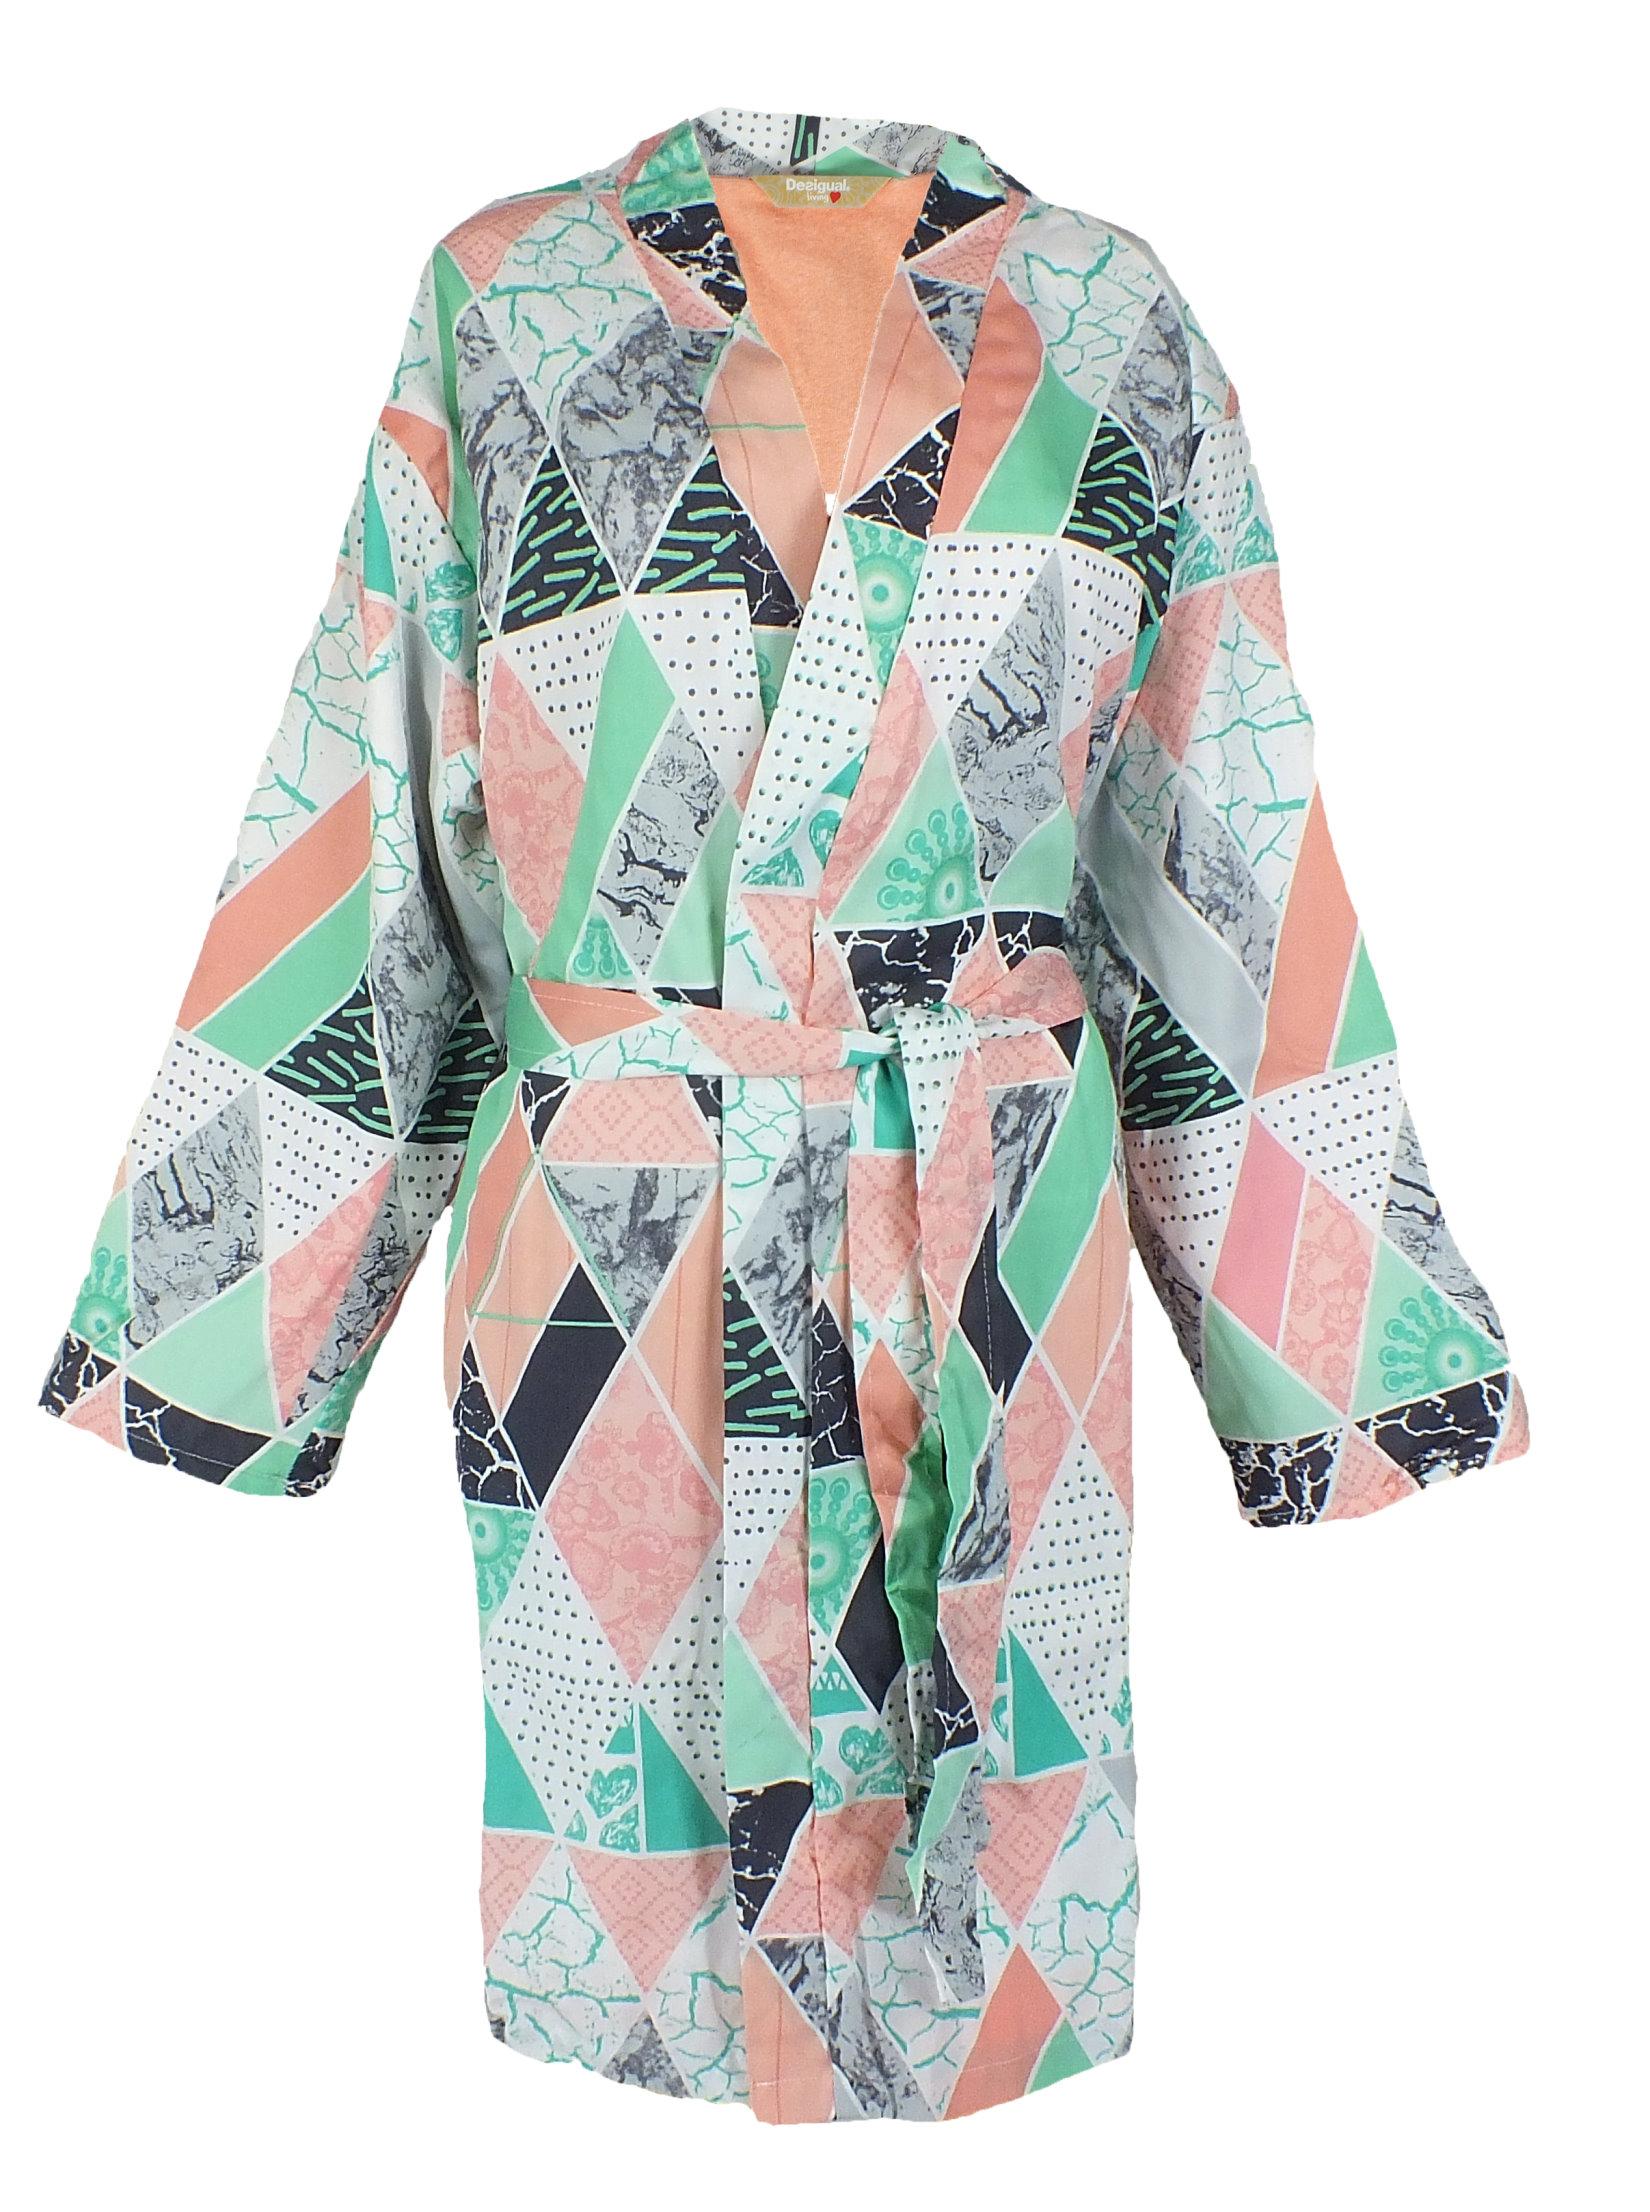 Desigual 72bl0b1 Sur Robe De Femmes Chambre Peignoir Détails 1TlFc53uKJ